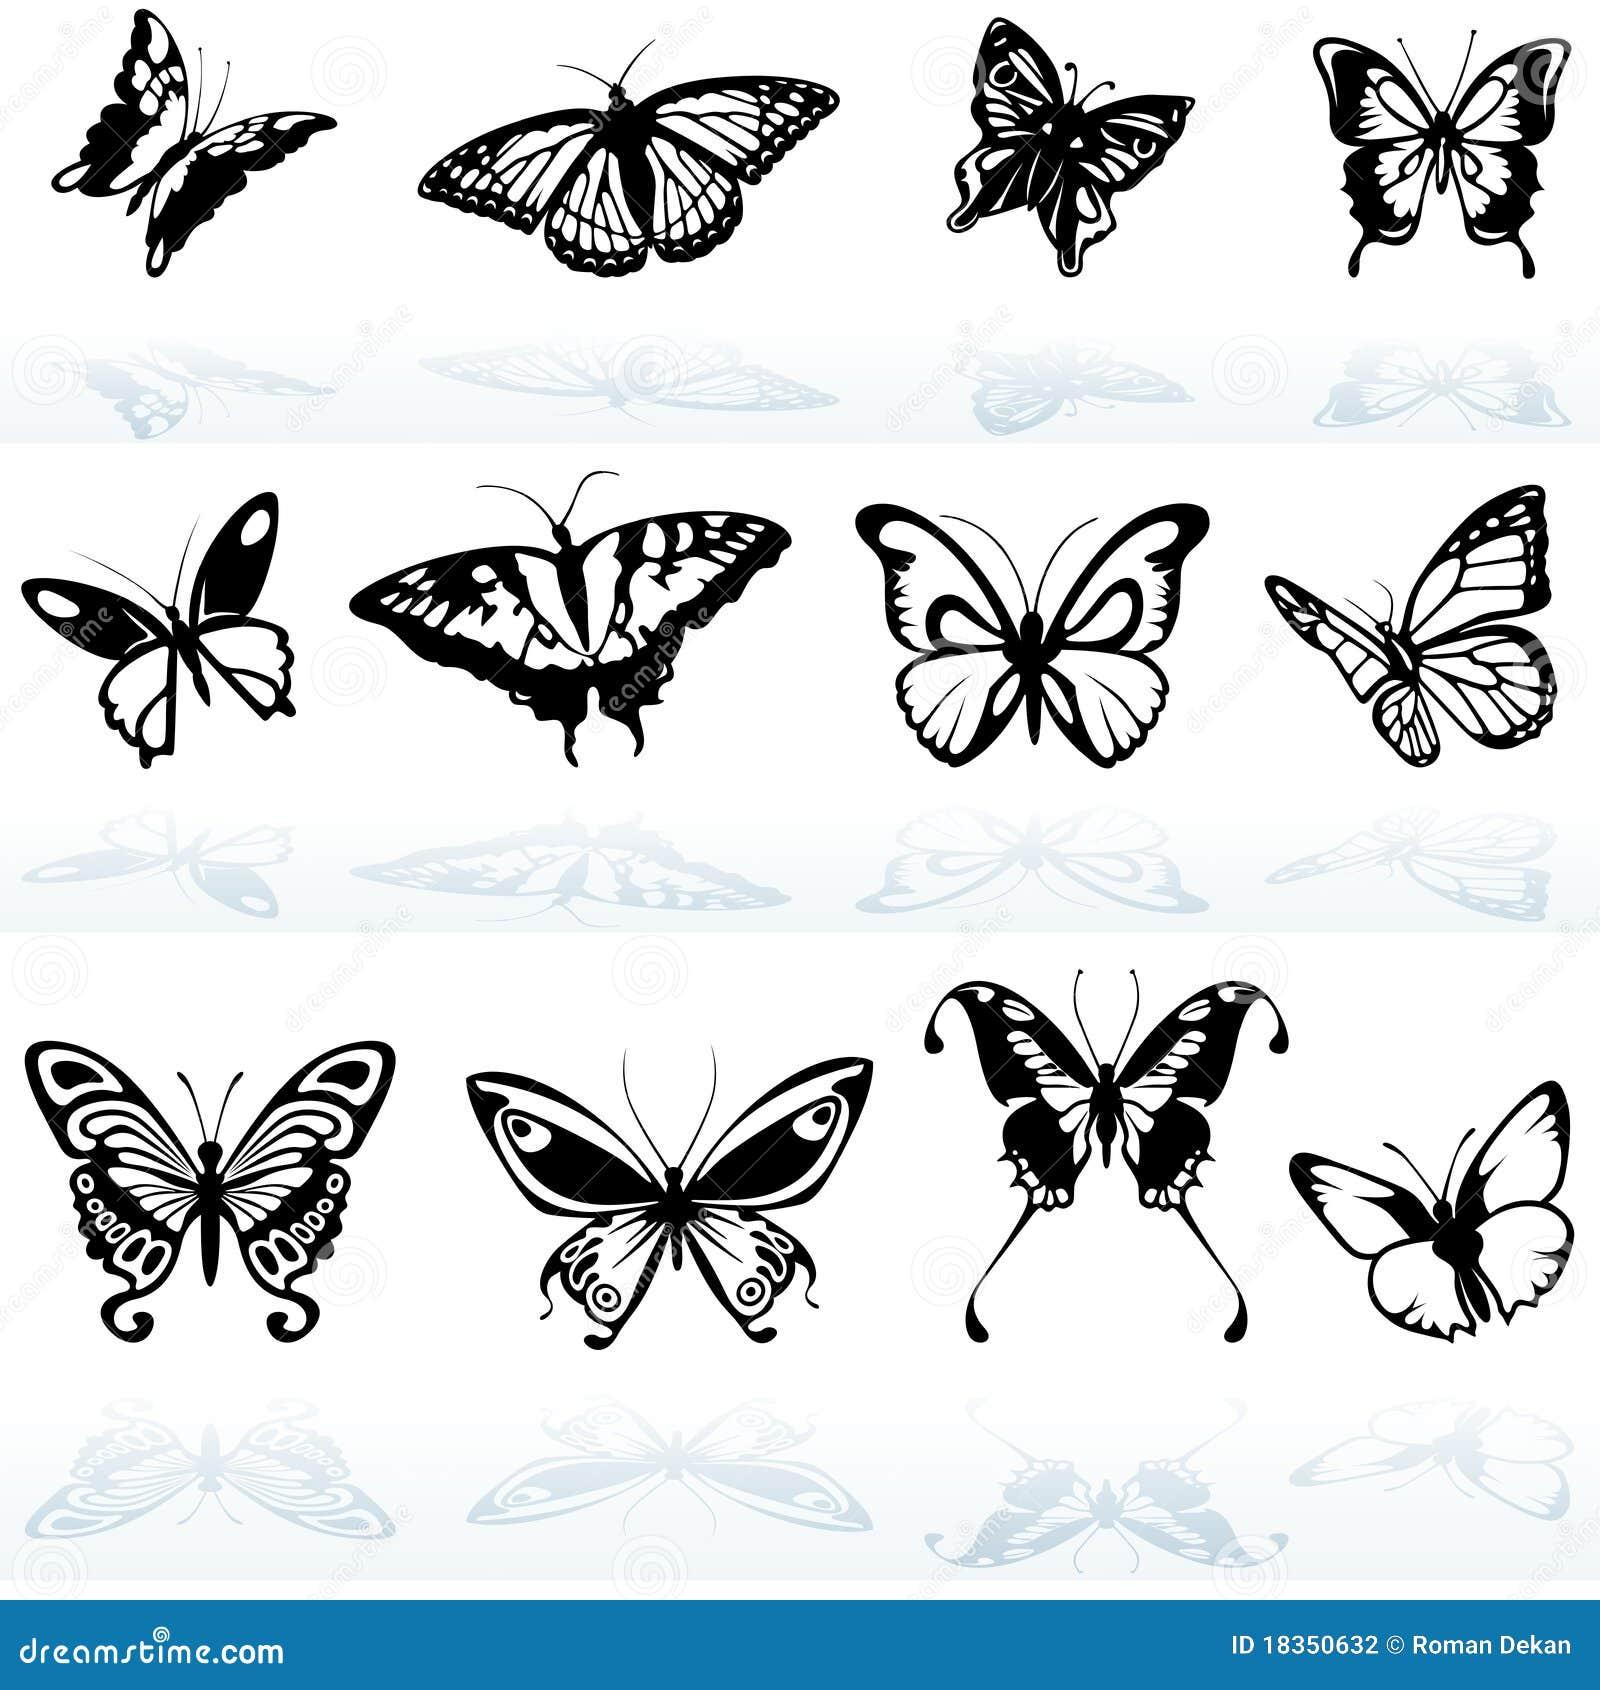 Стоковая фотография силуэты бабочки